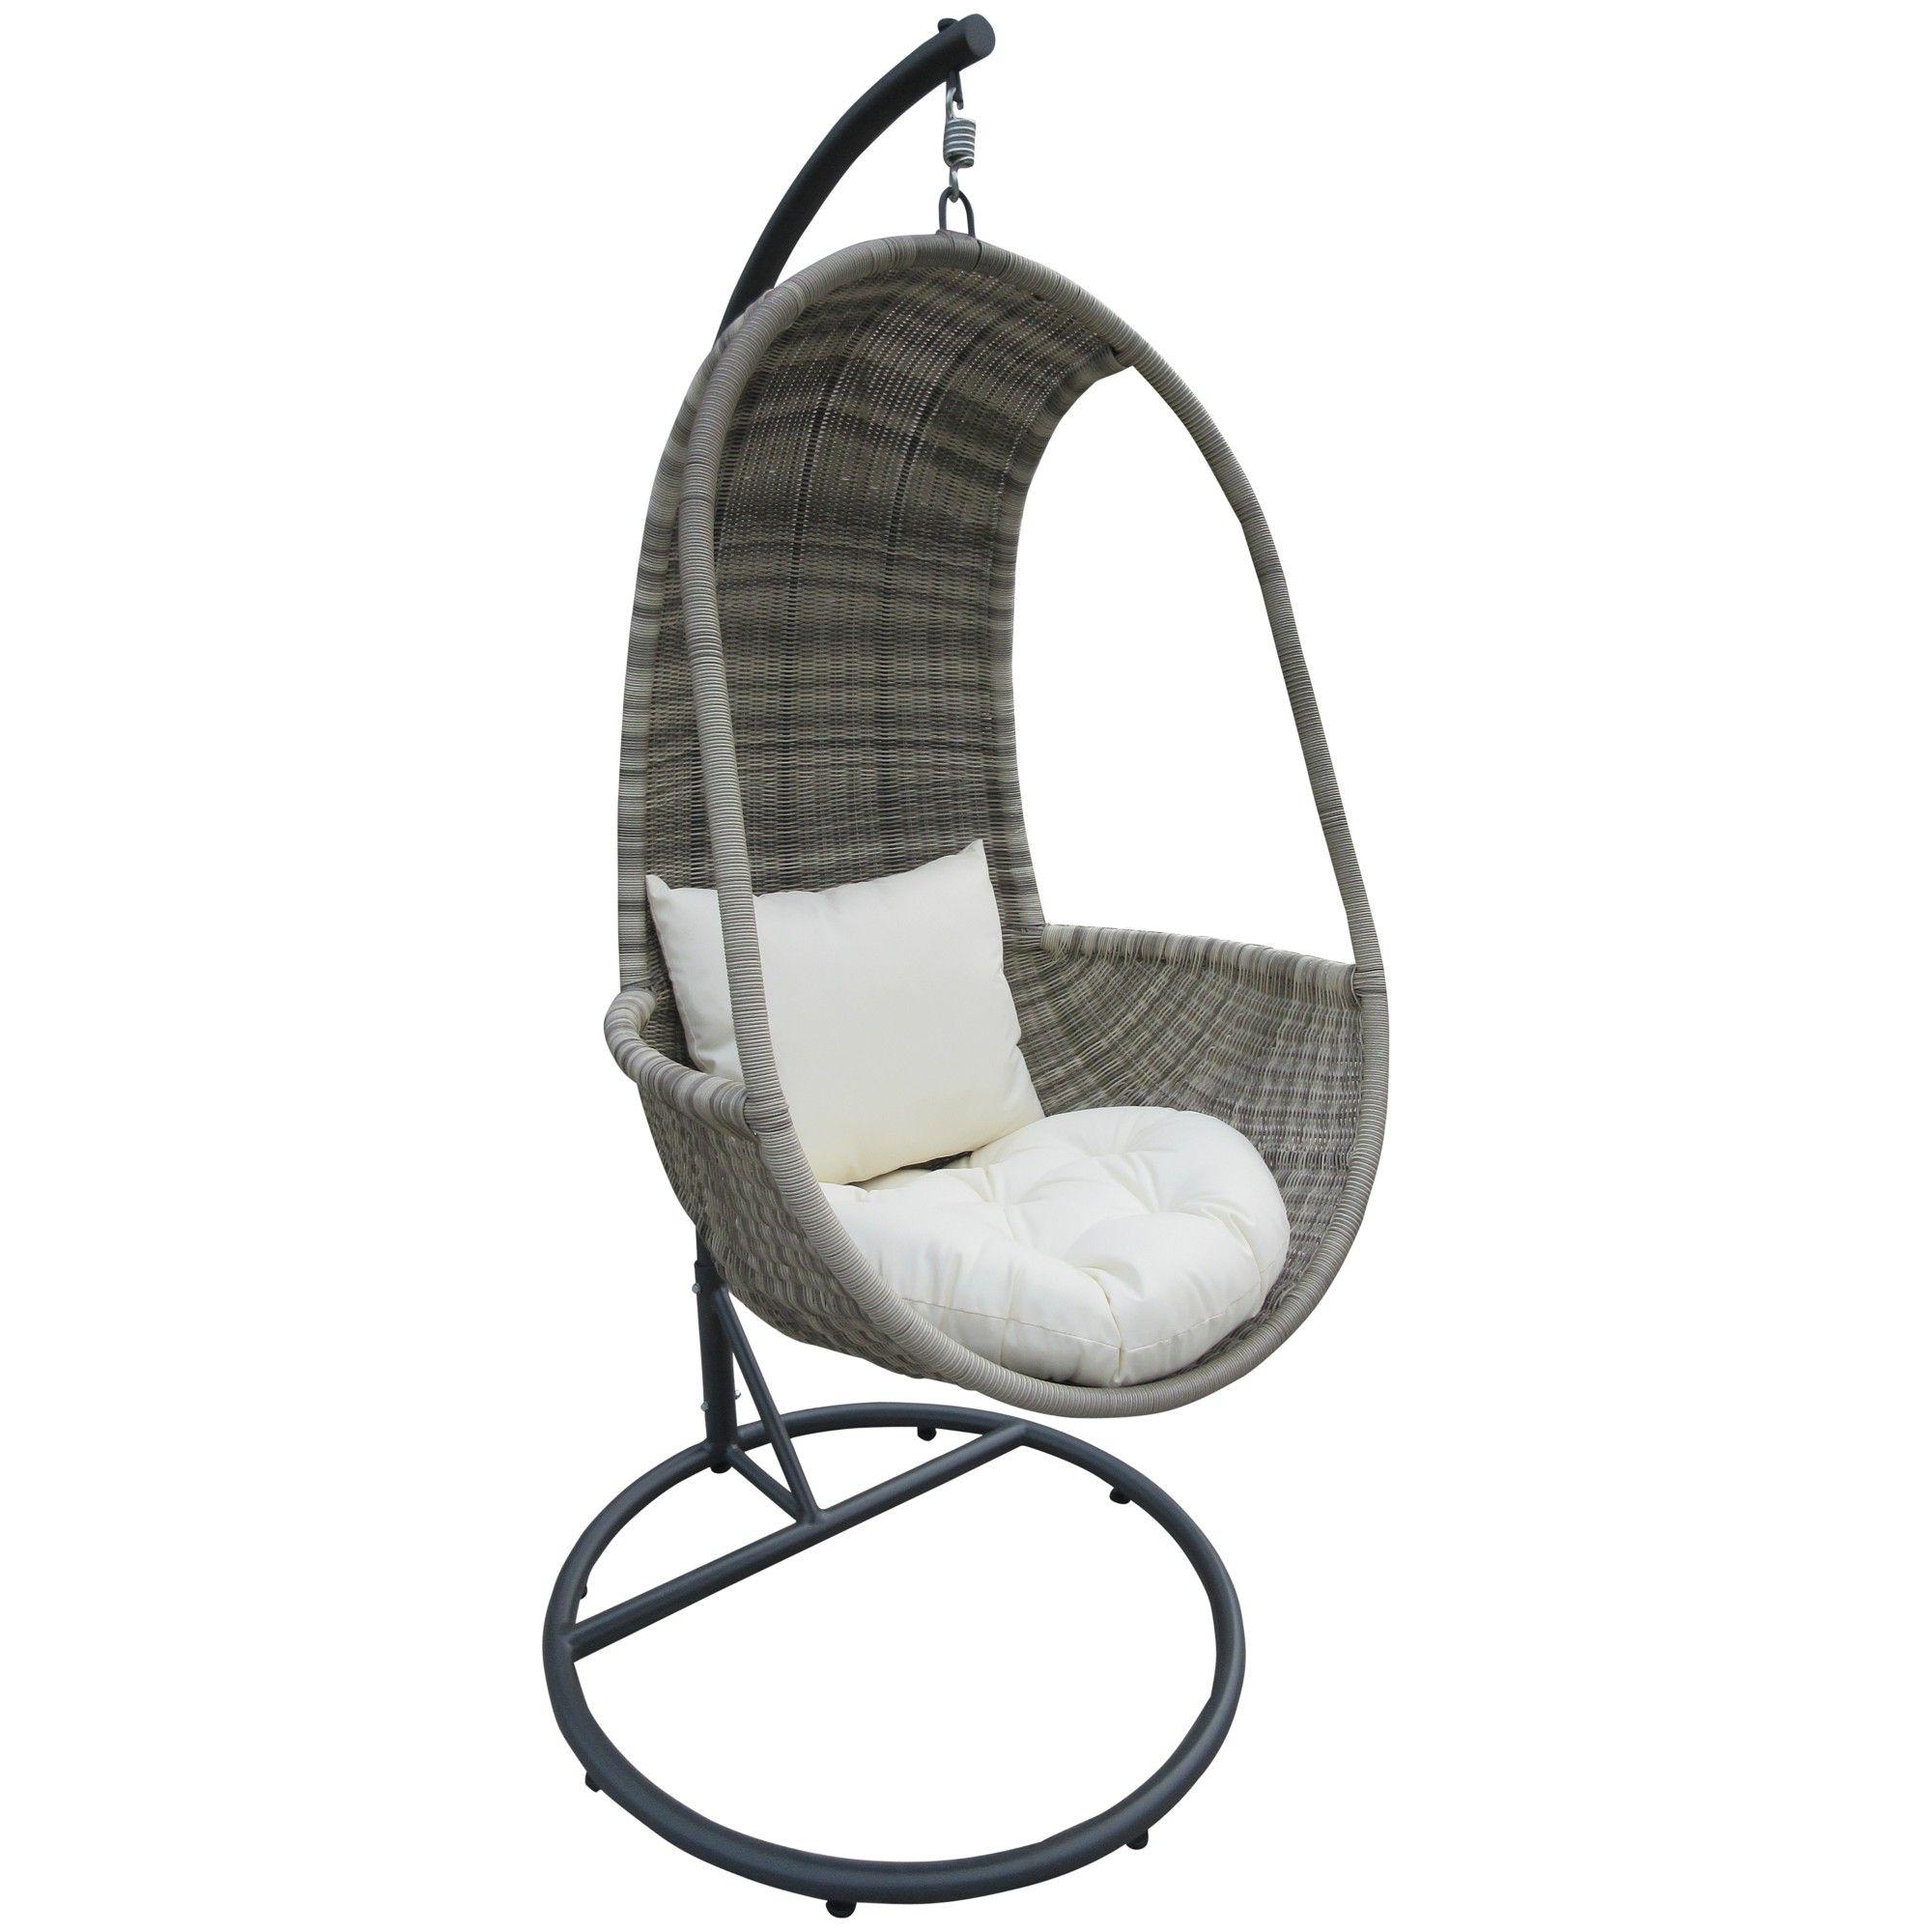 Buy John Lewis Dante Hanging Pod Chair John Lewis Swing Chair Outdoor Pod Chair Swinging Chair